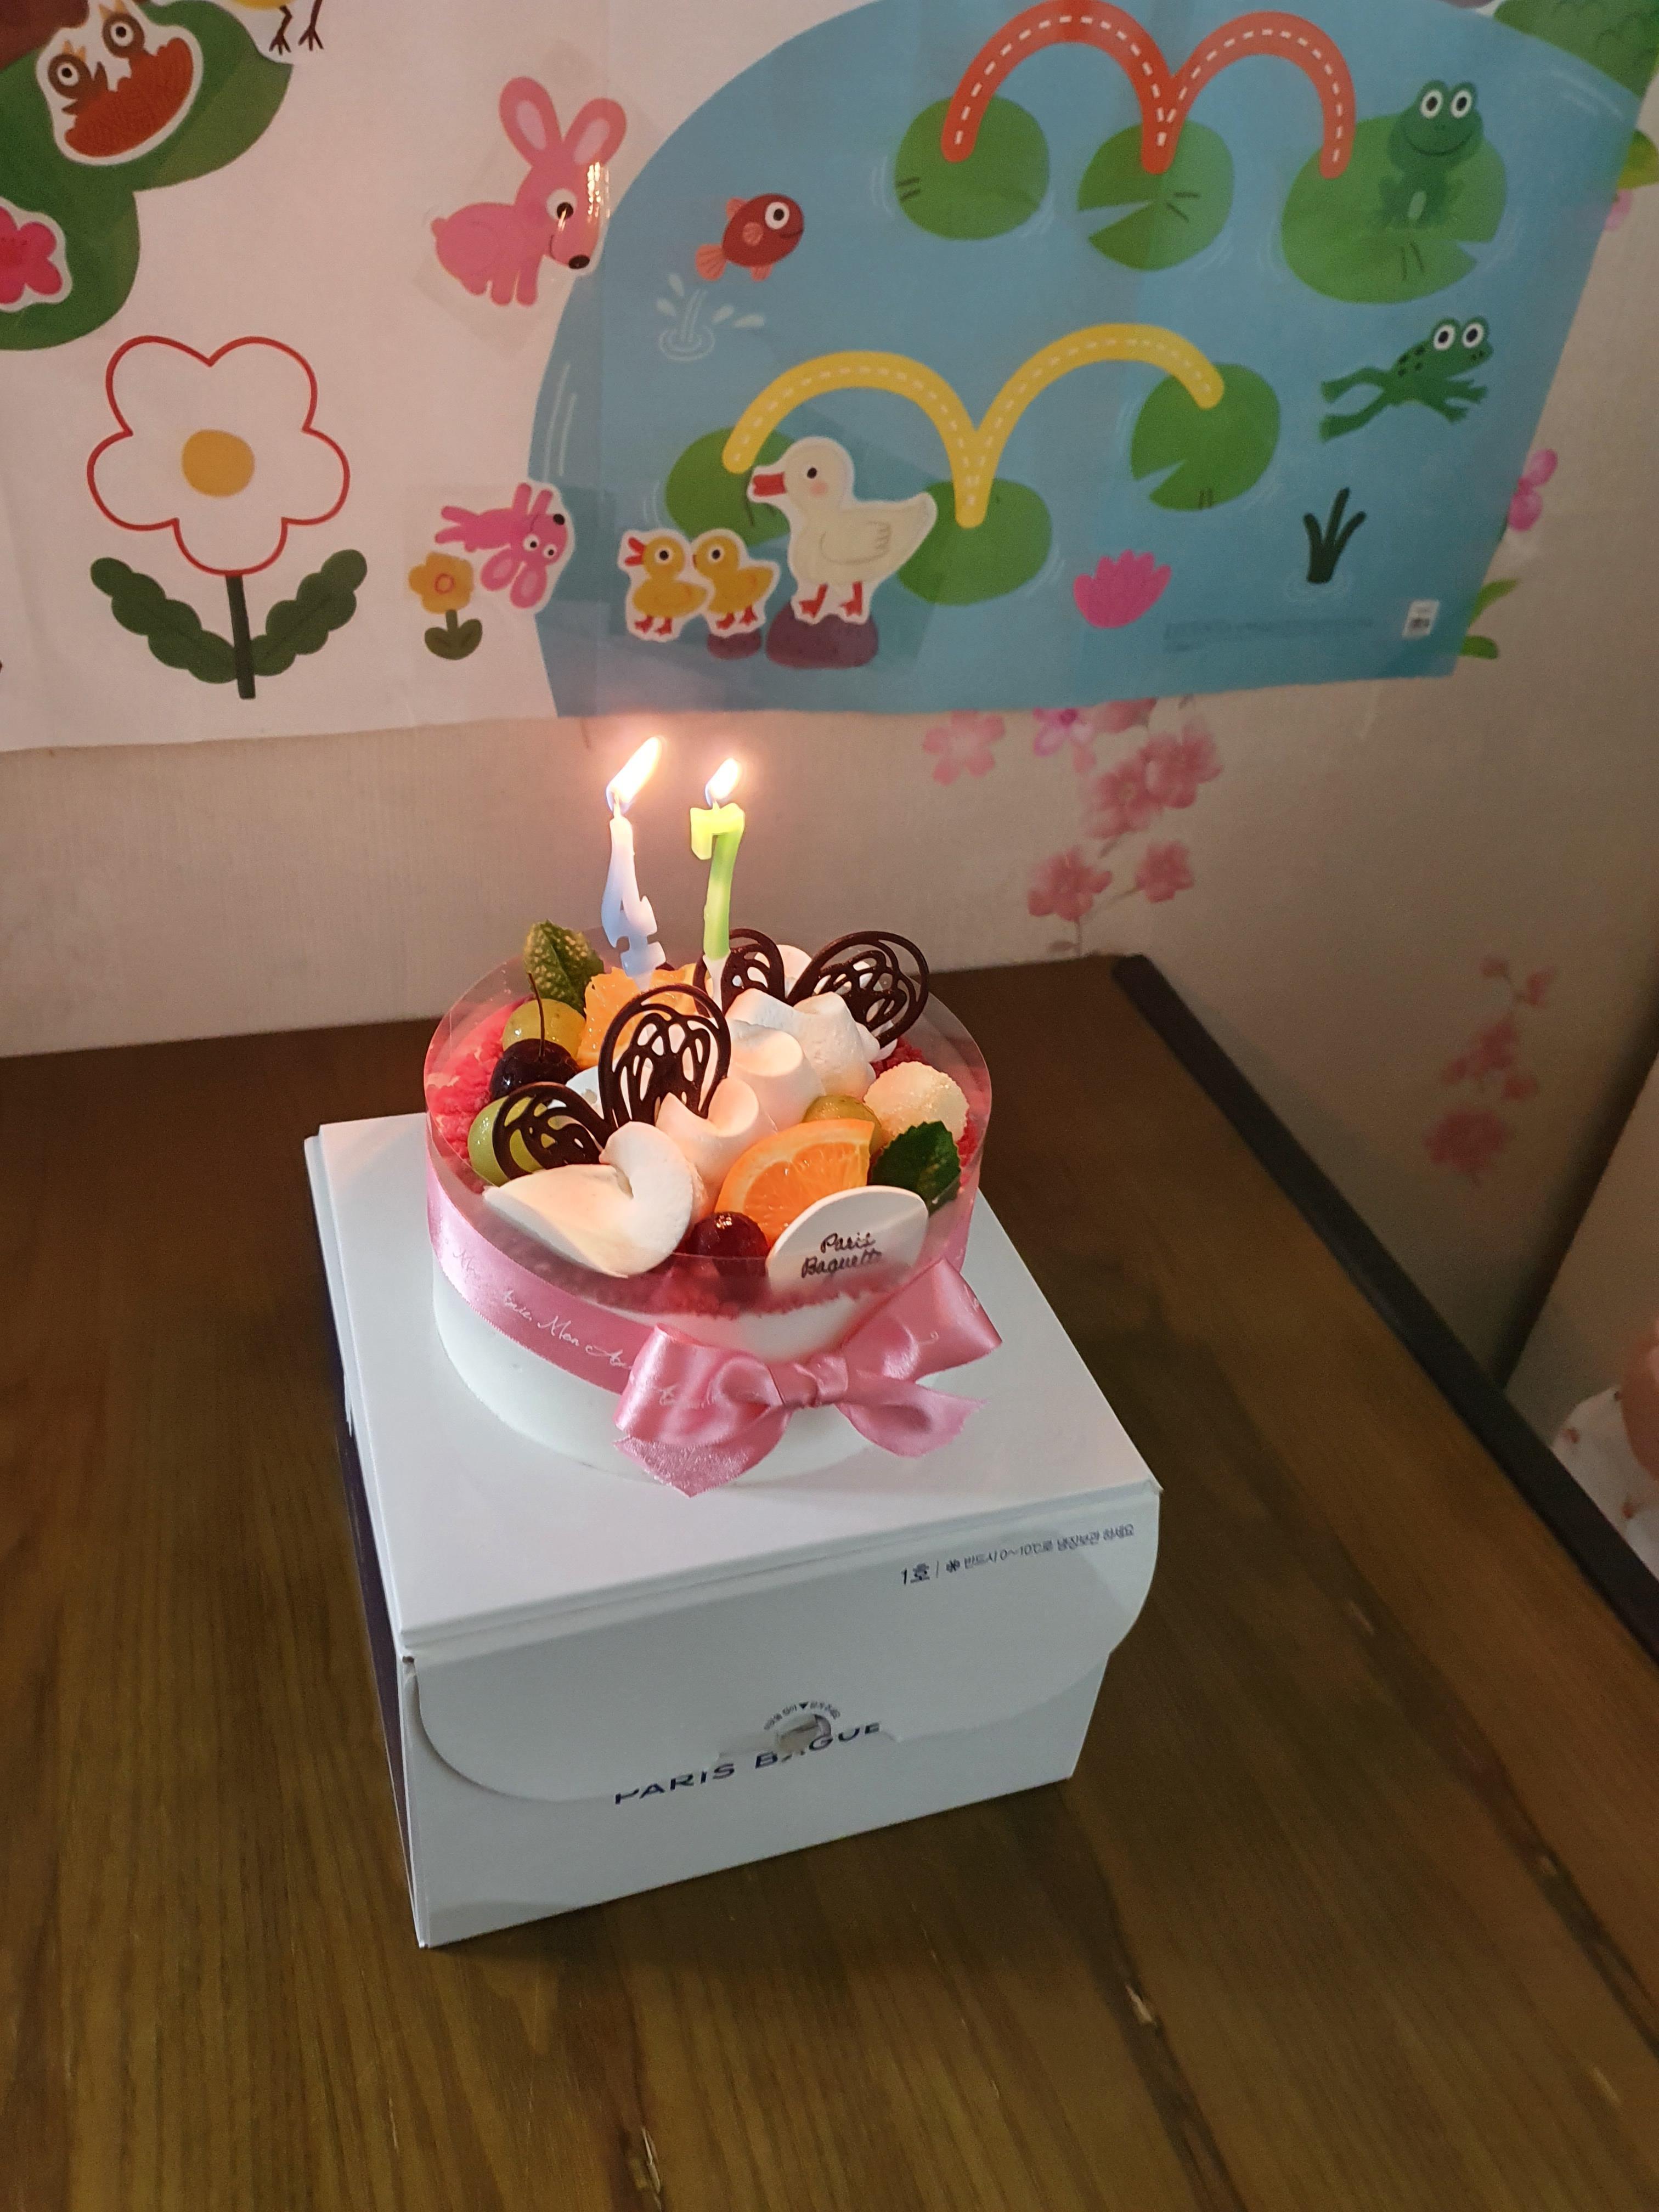 생일(9.3) : 집콕 생활 중에 맞는 생일, 거기다 태풍까지 온..